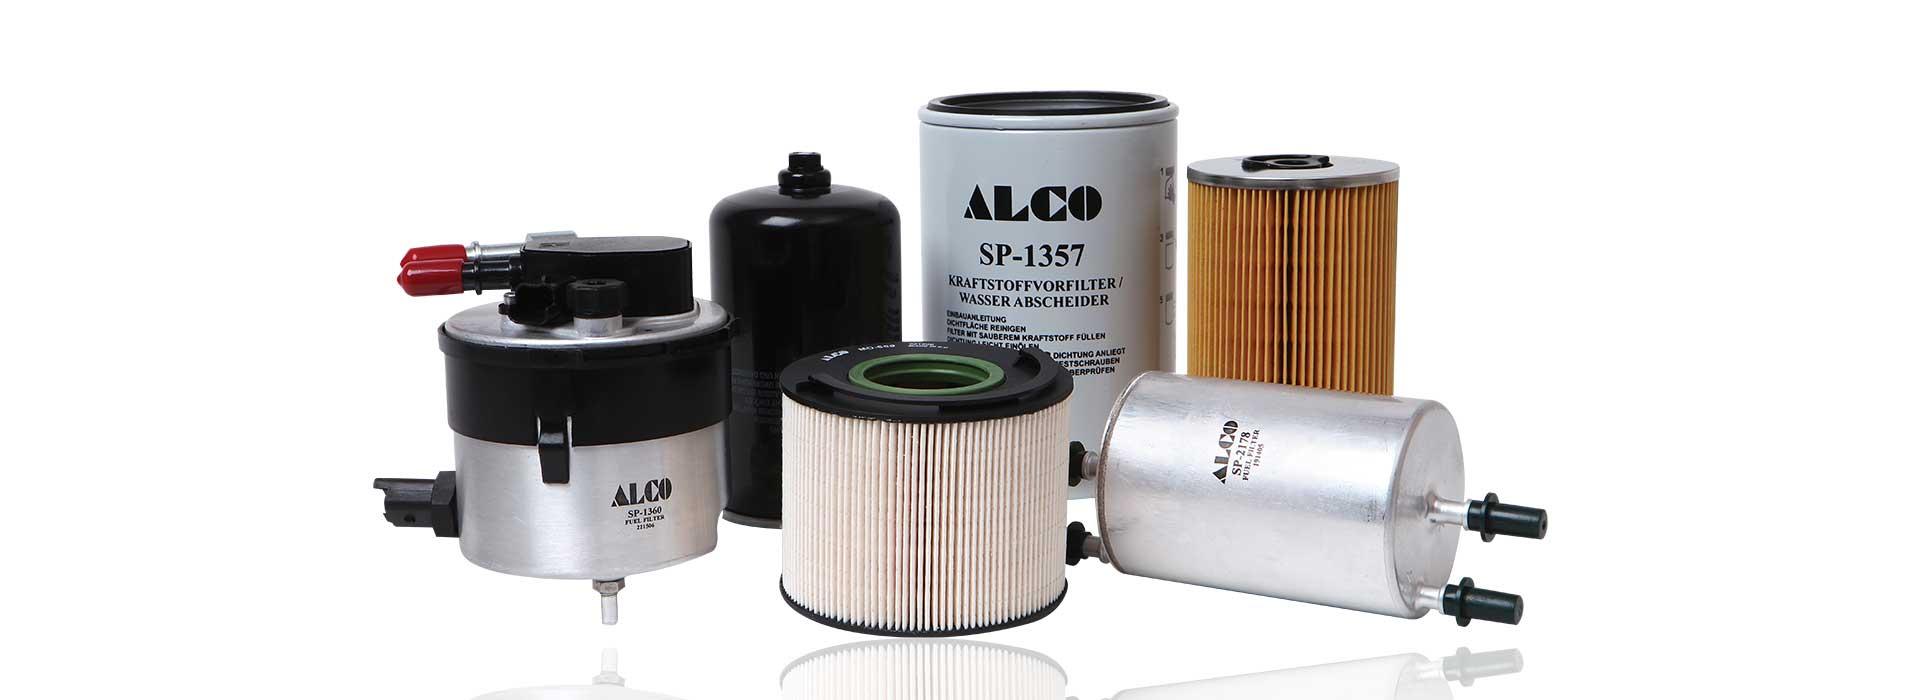 אלקו-ALCO